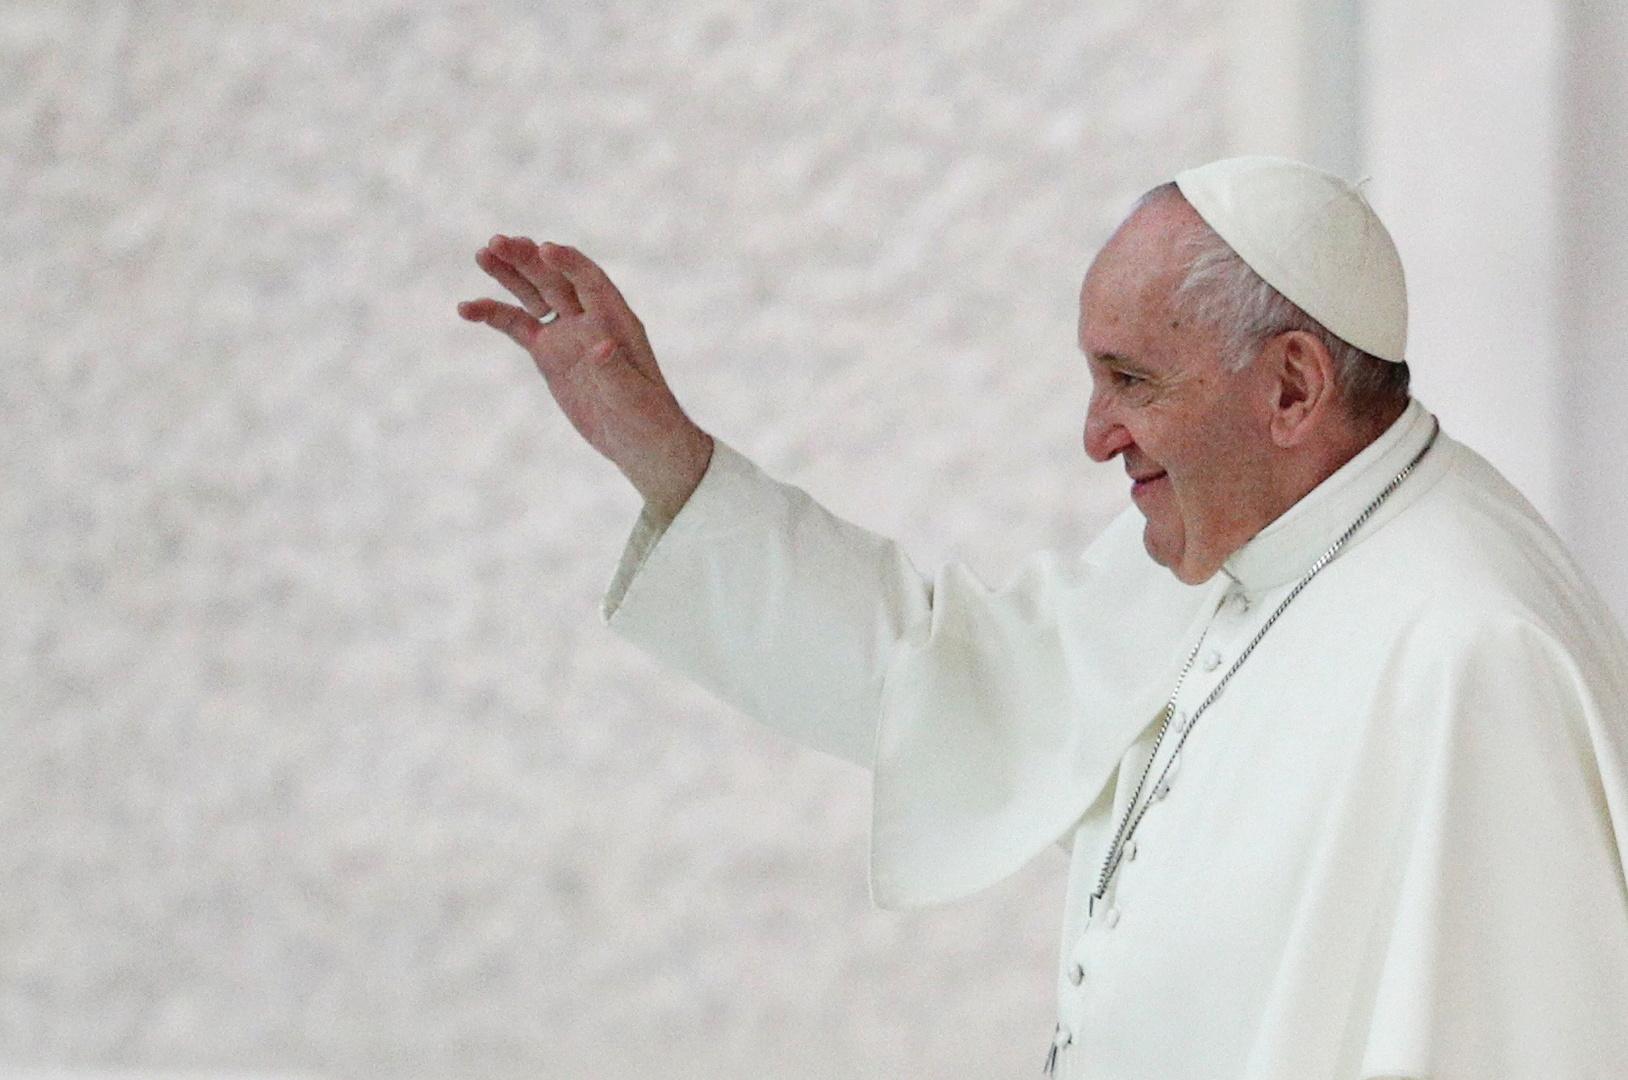 مسؤول بالفاتيكان معلقا على كلام البابا حول حق المثليين بتكوين أسرة: الزواج سر وضعه الله